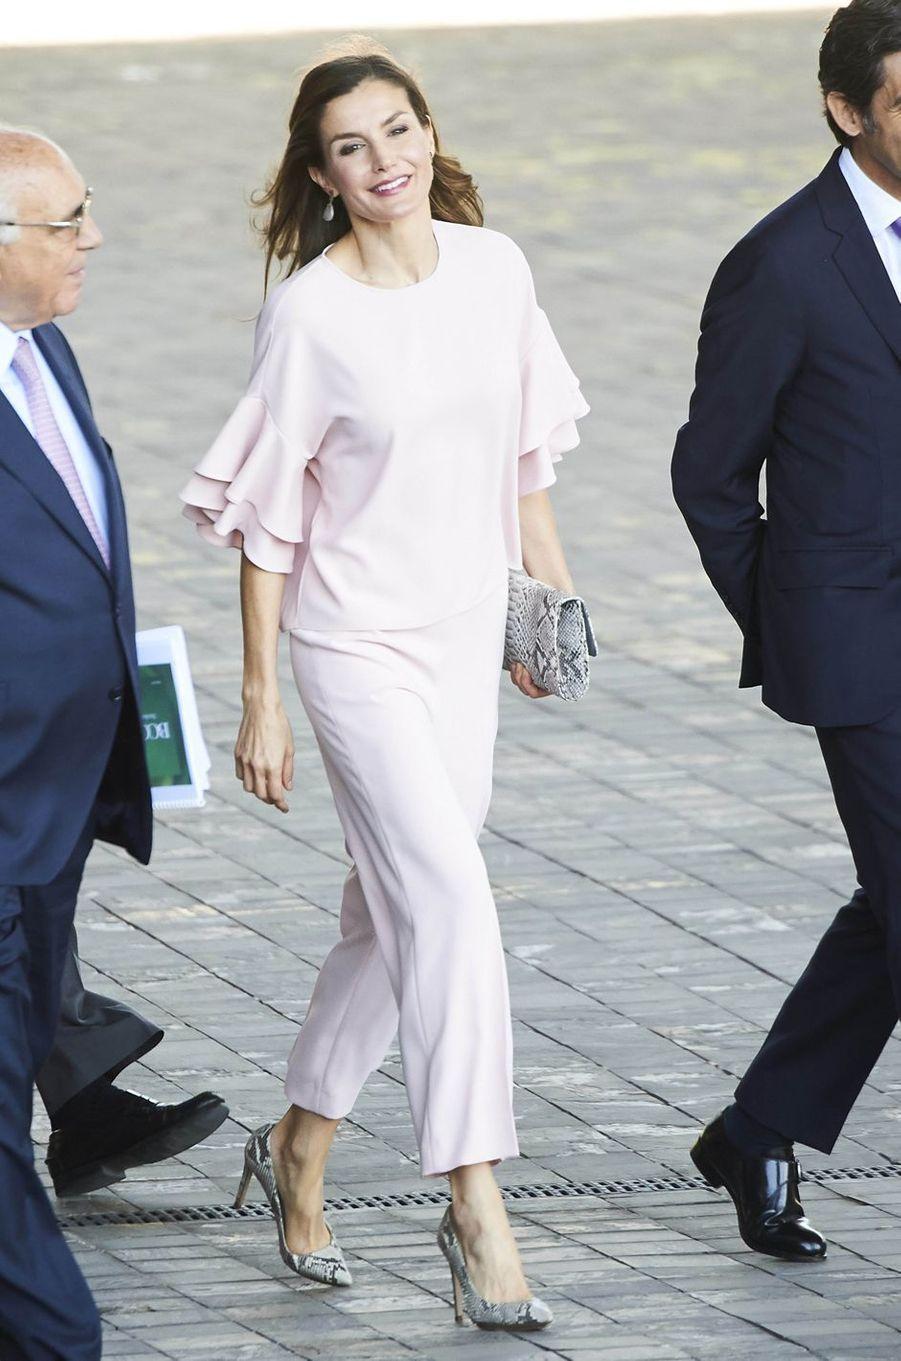 La reine Letizia d'Espagne à Madrid le 4 juillet 2017